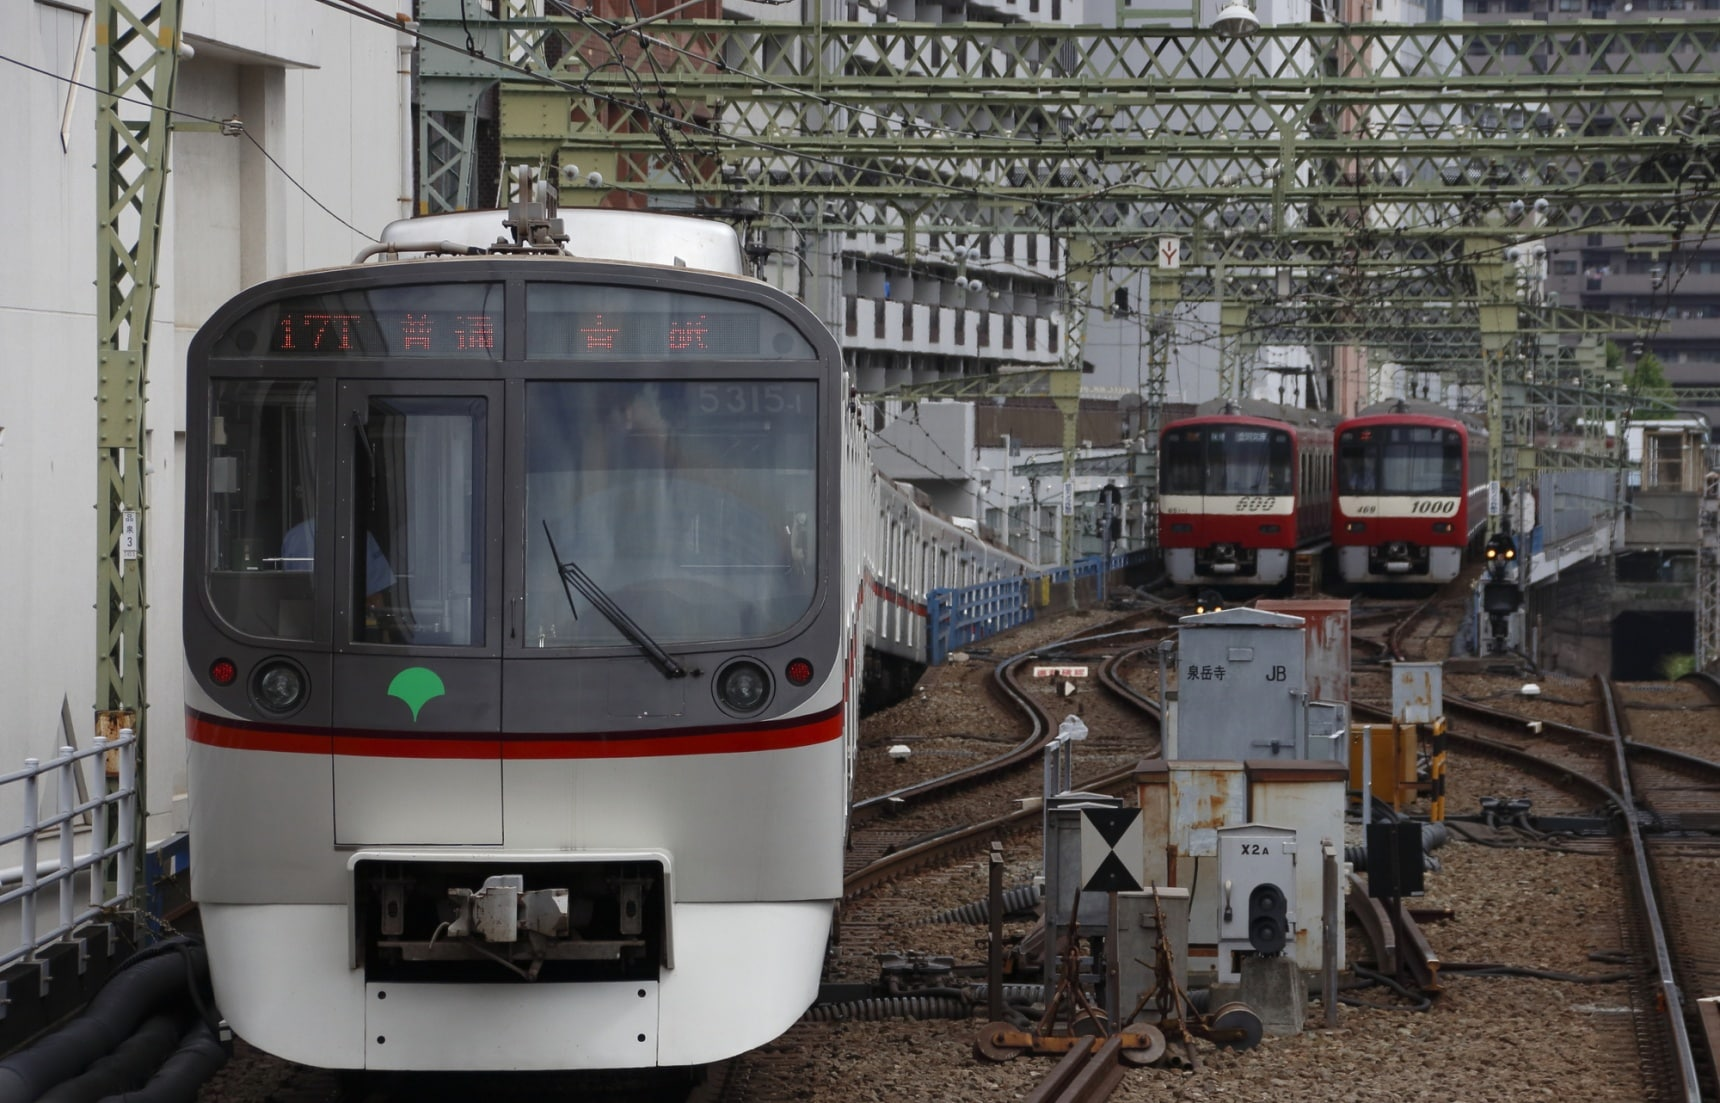 ลุยที่เที่ยวติดรถไฟสาย Toei Asakusa Line